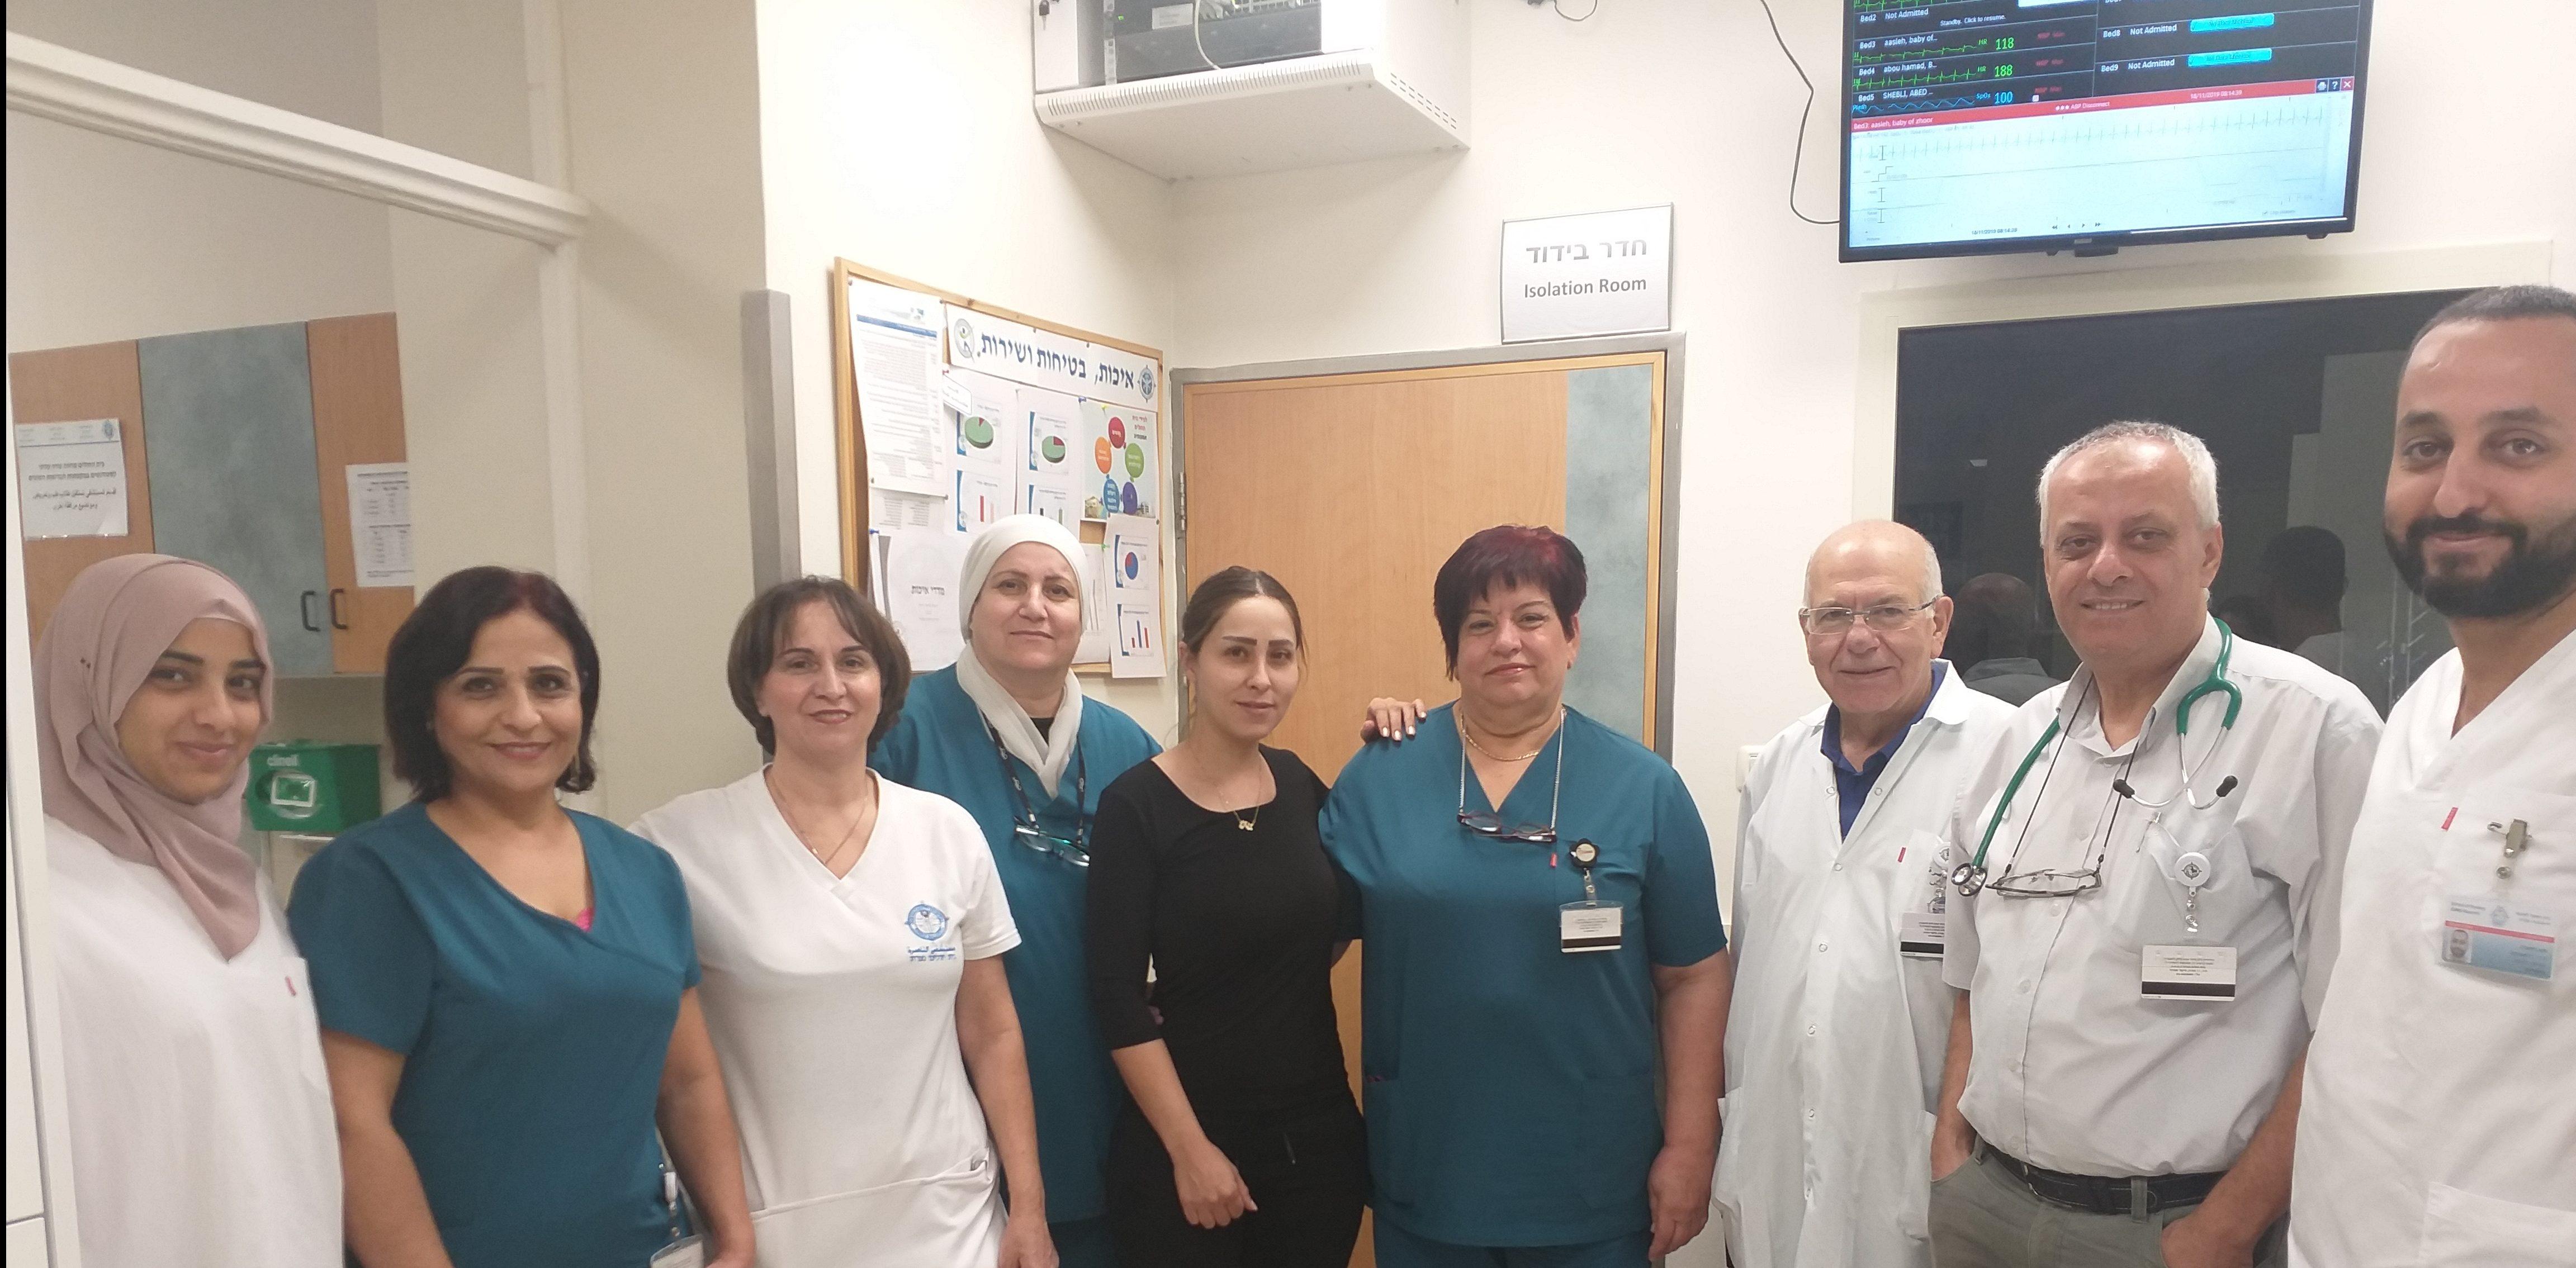 حصول وحدة الخدّج في مستشفى الناصرة على إمتياز وزارة الصحة للسّنة الرّابعة على التّوالي